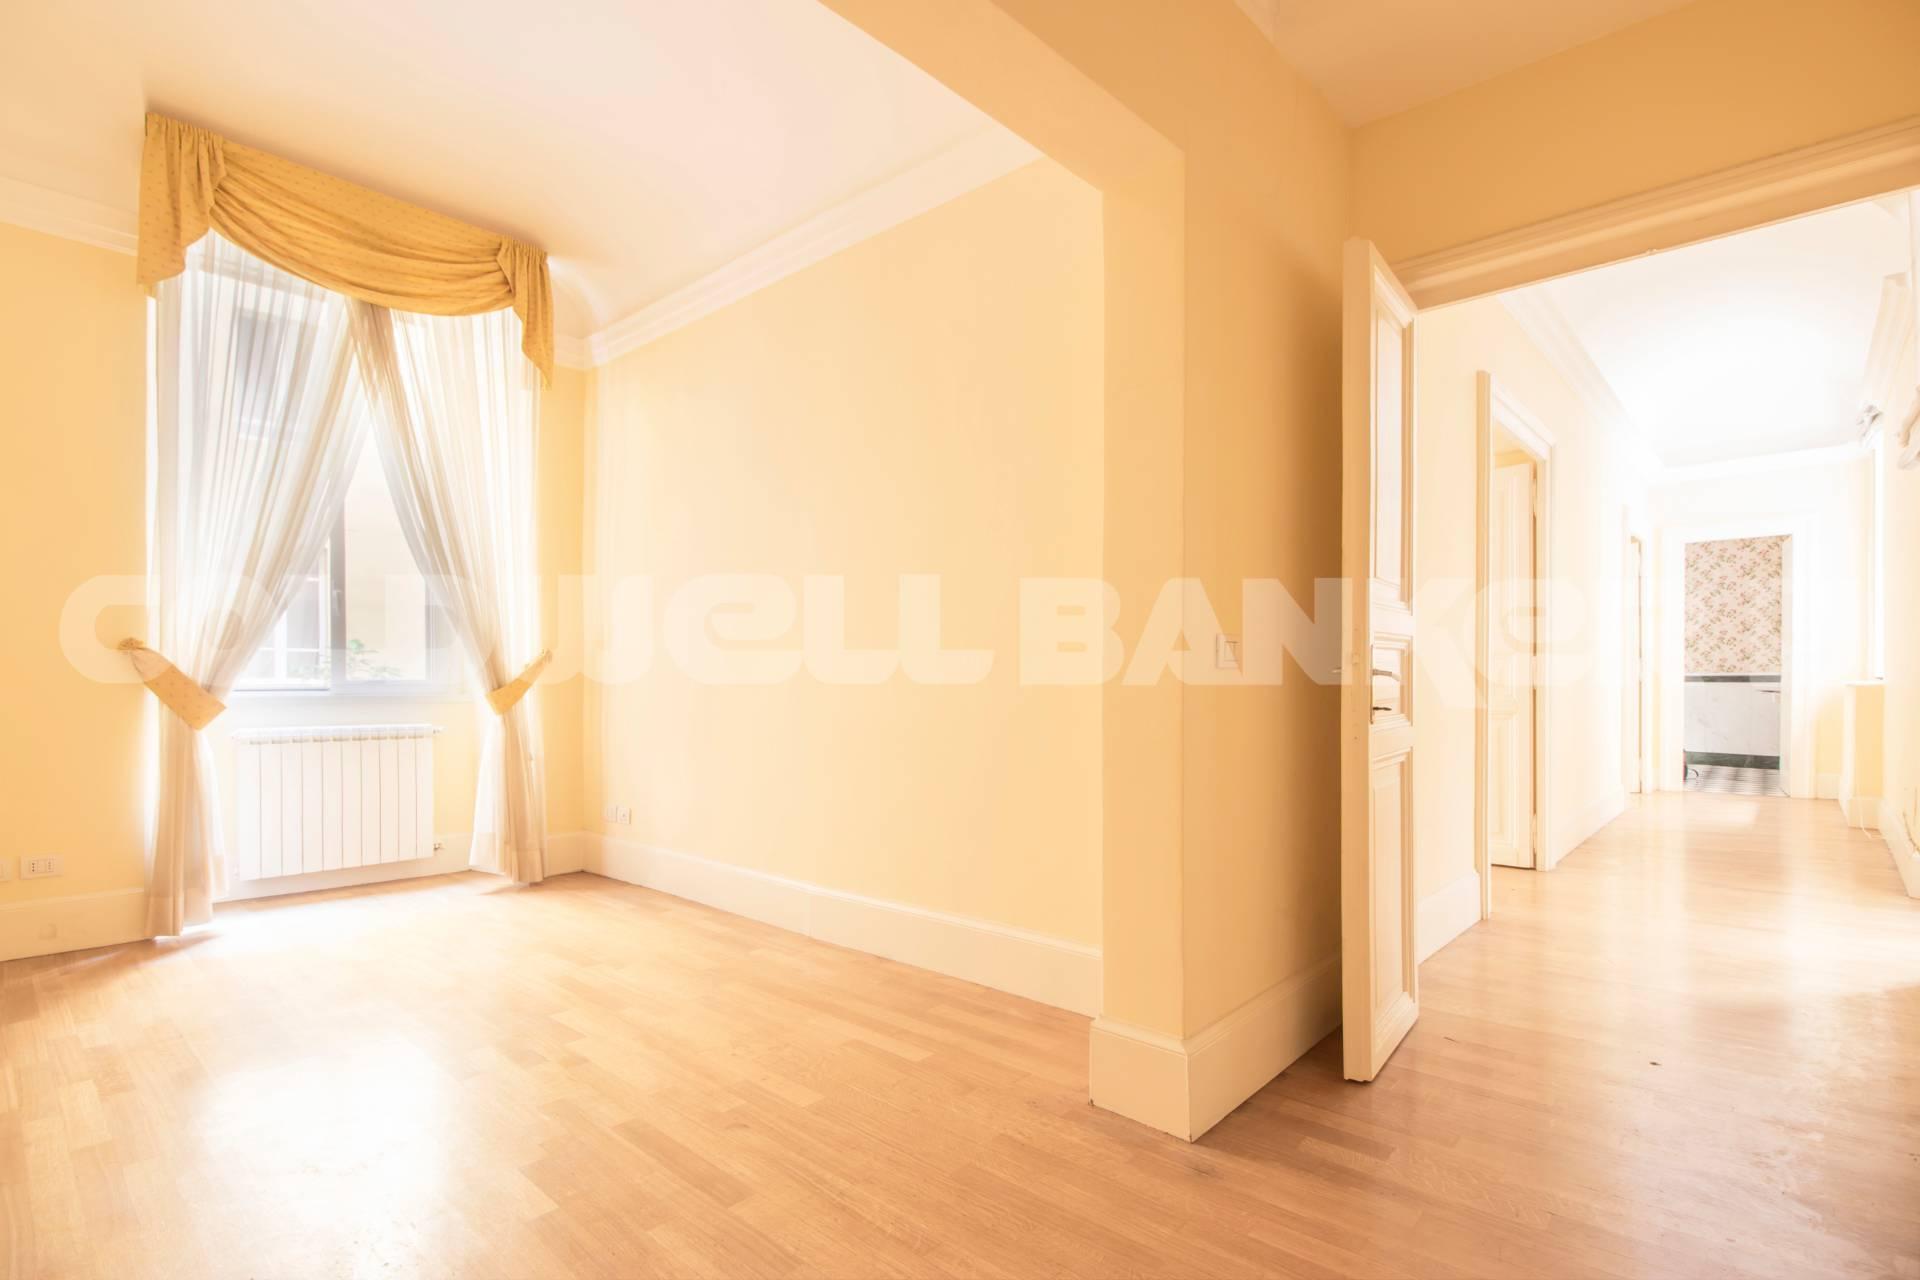 Cbi072 821 ex1188 appartamento in vendita a roma prati for Appartamento ufficio roma